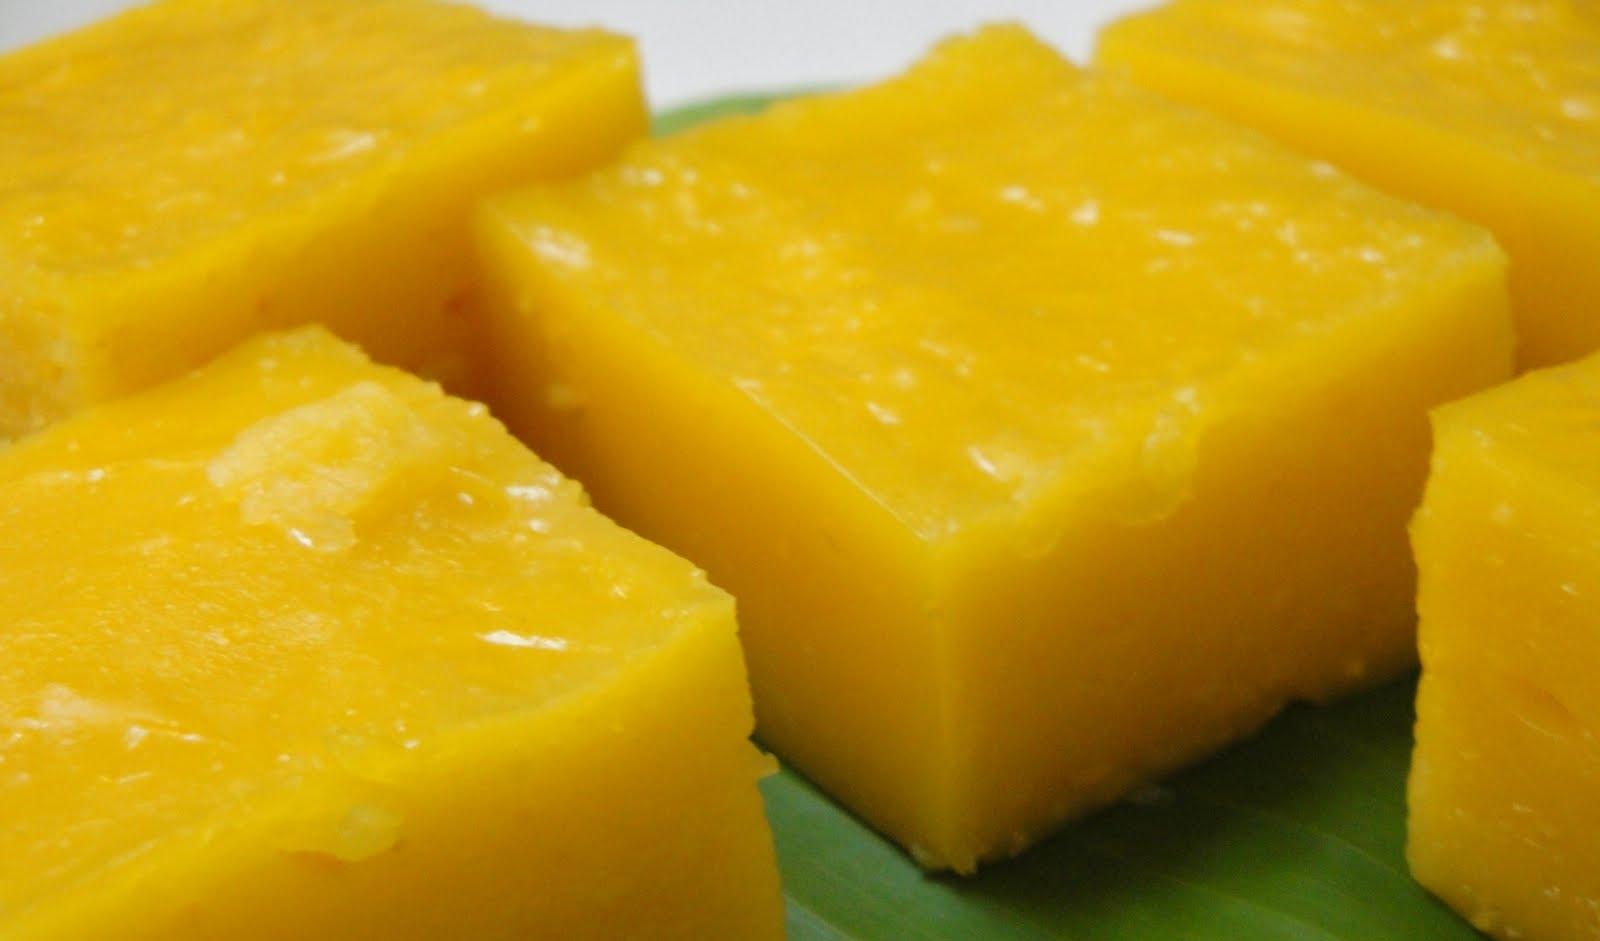 gambar resep puding jagung enak camilan sehat mudah dibuat real photo  rebanas rebanas Resepi Kuih Lapis Coklat Kuning Enak dan Mudah